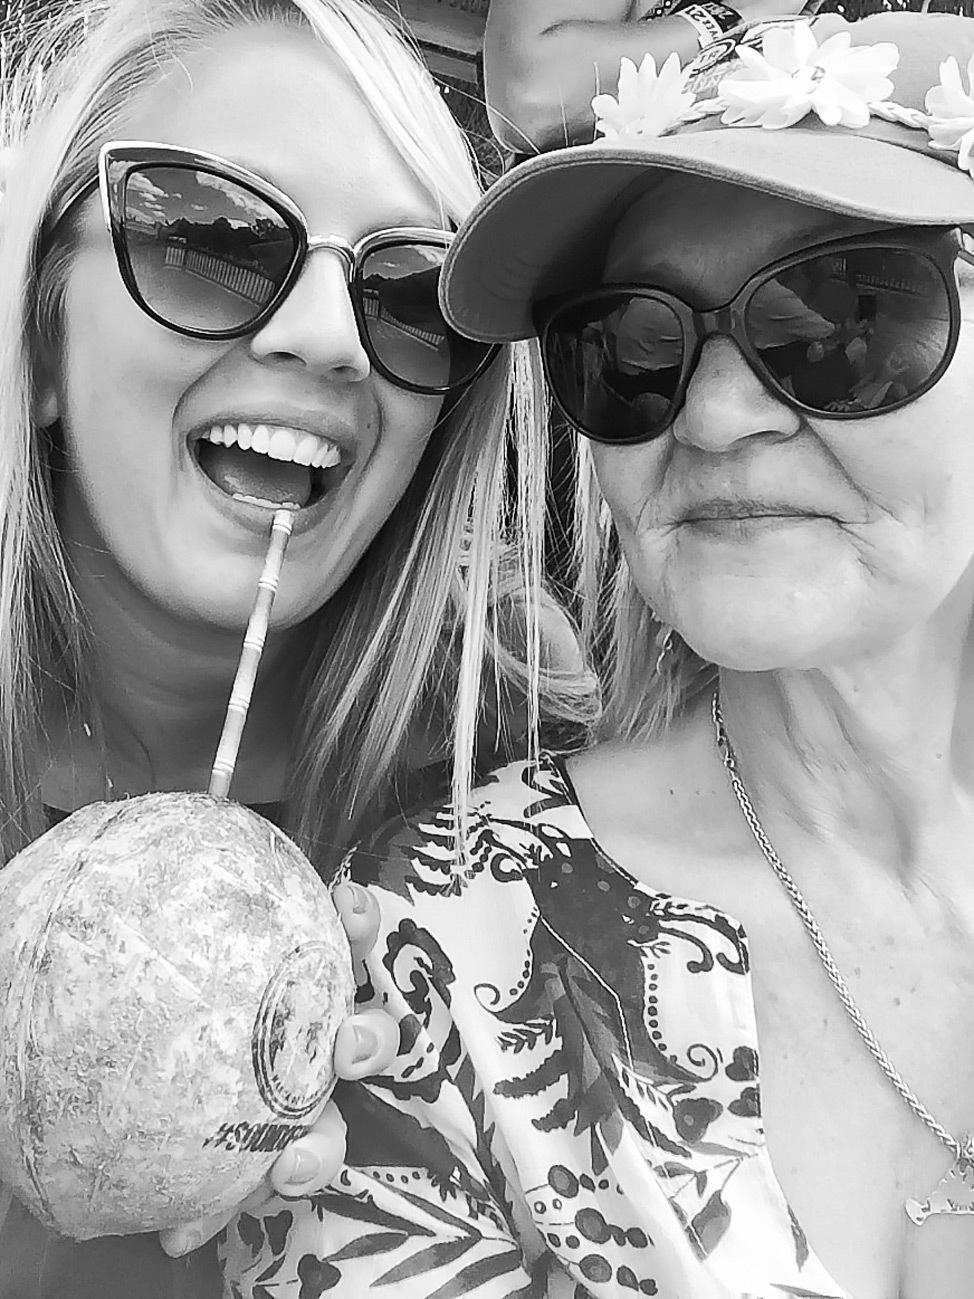 Bringing My Mom to Bonnaroo